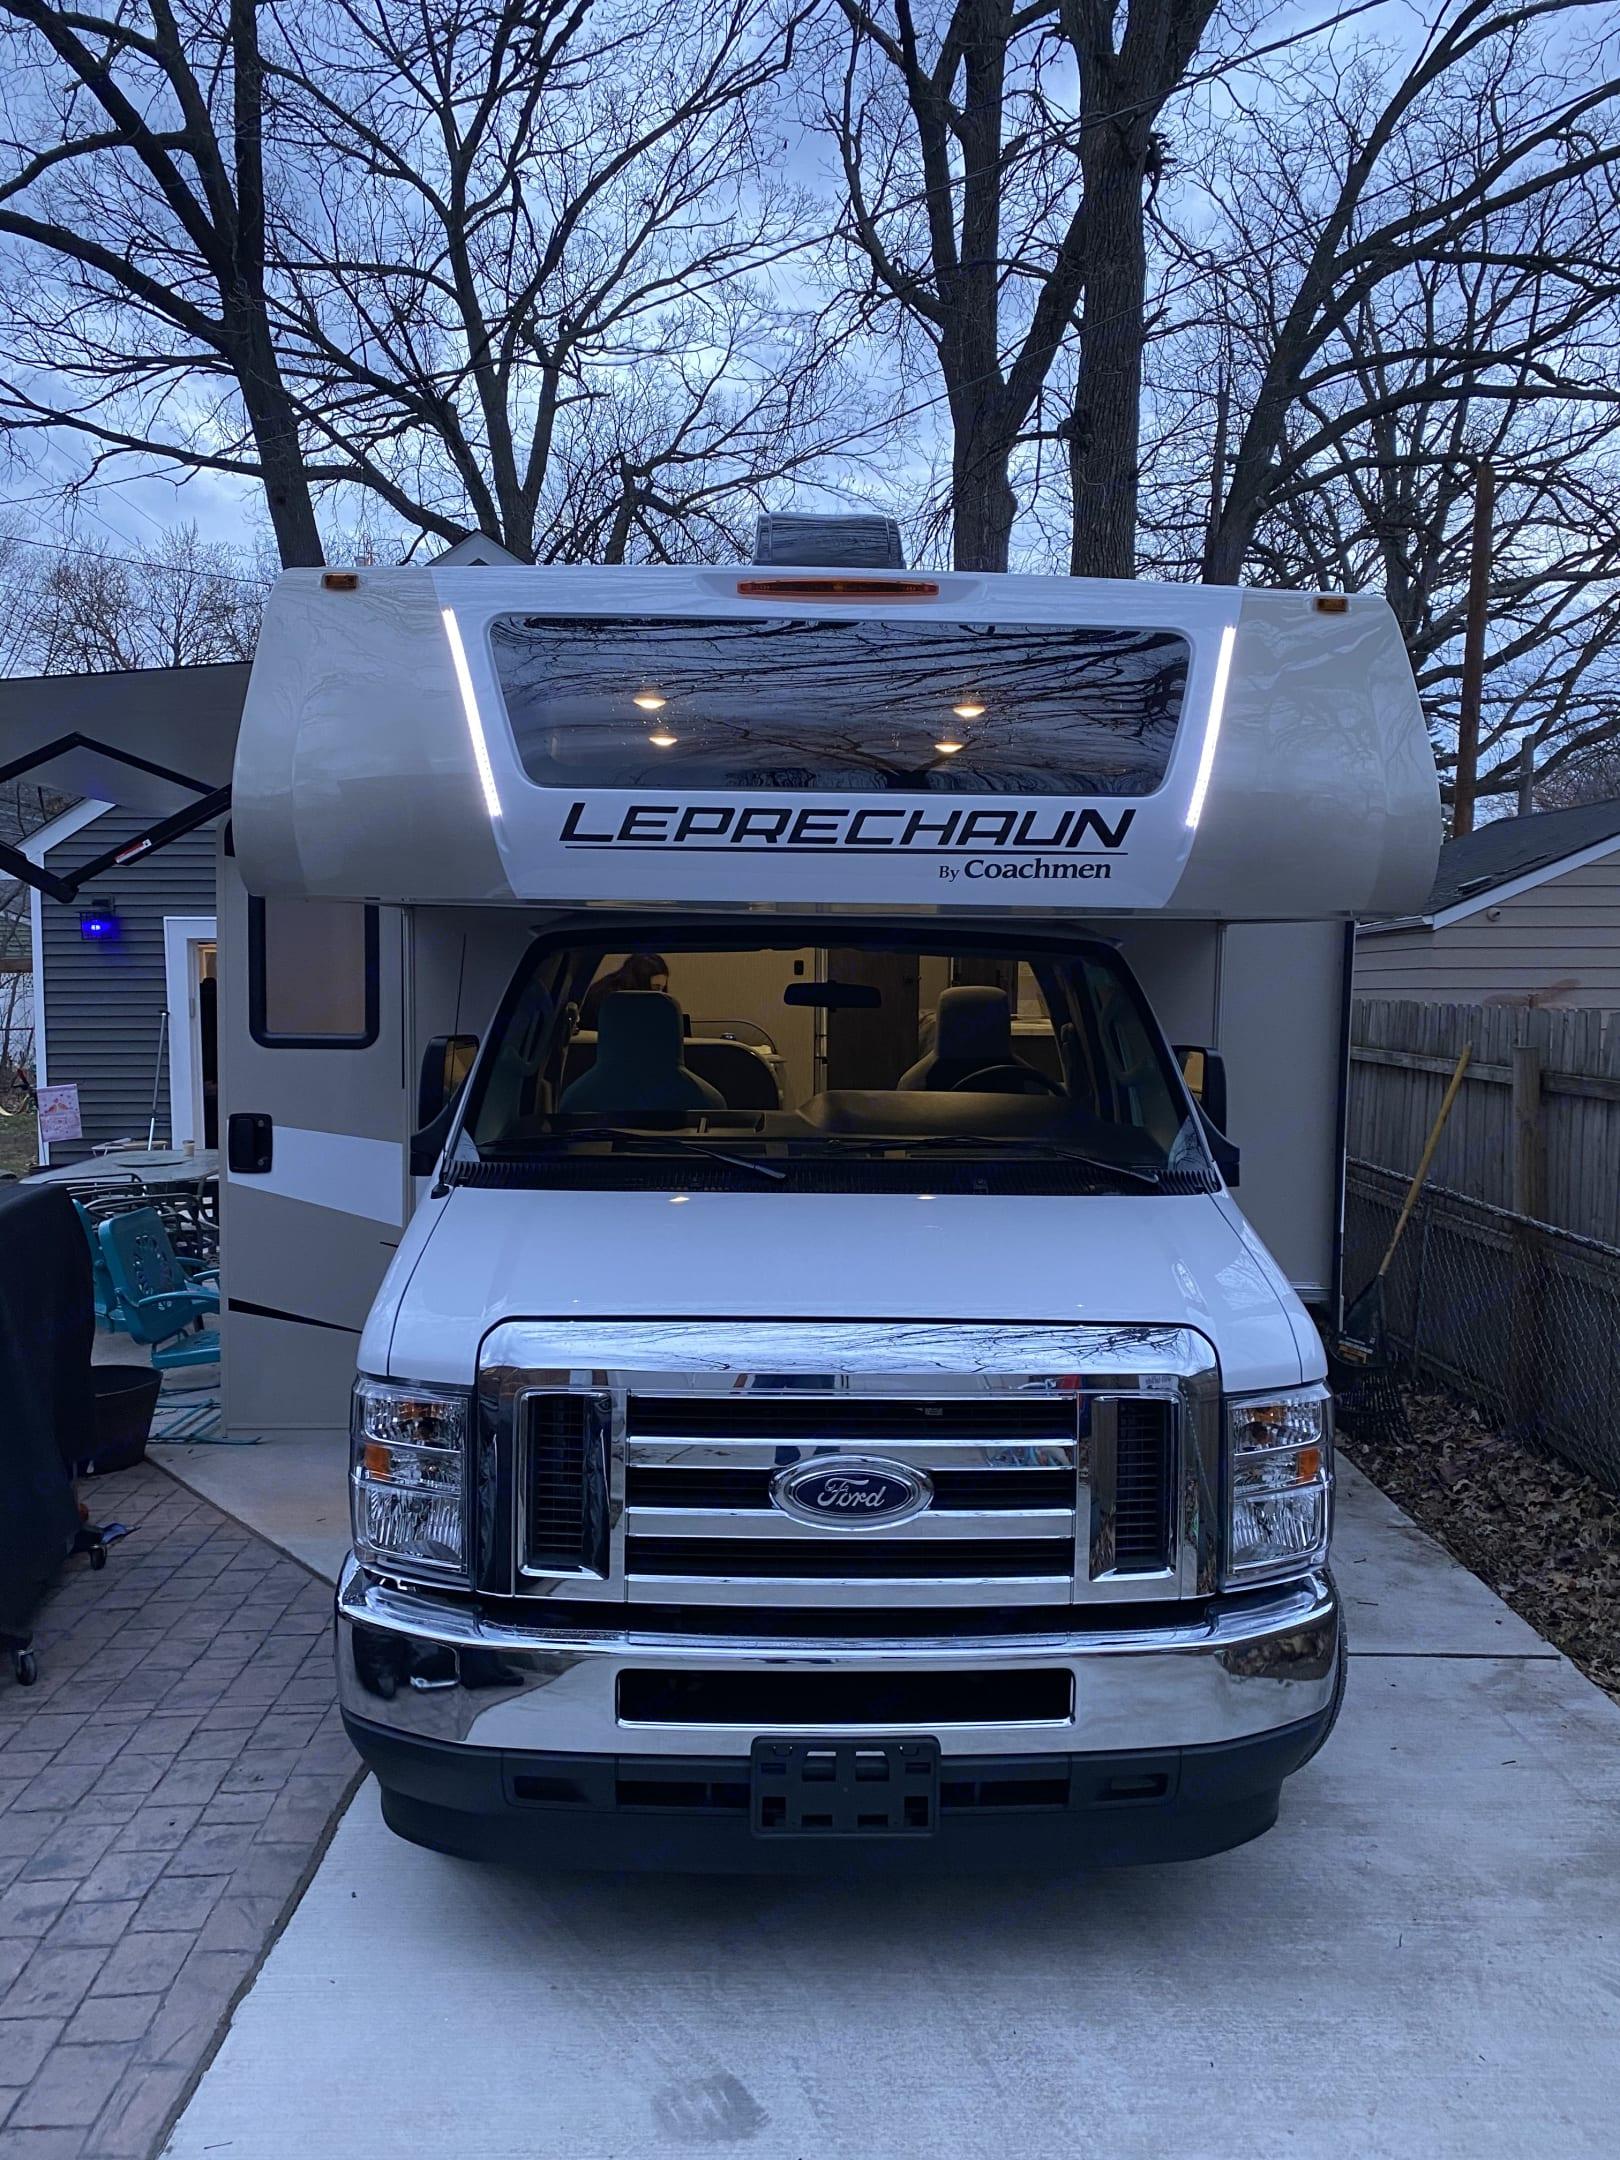 Coachmen Leprechaun 311 fs 2021